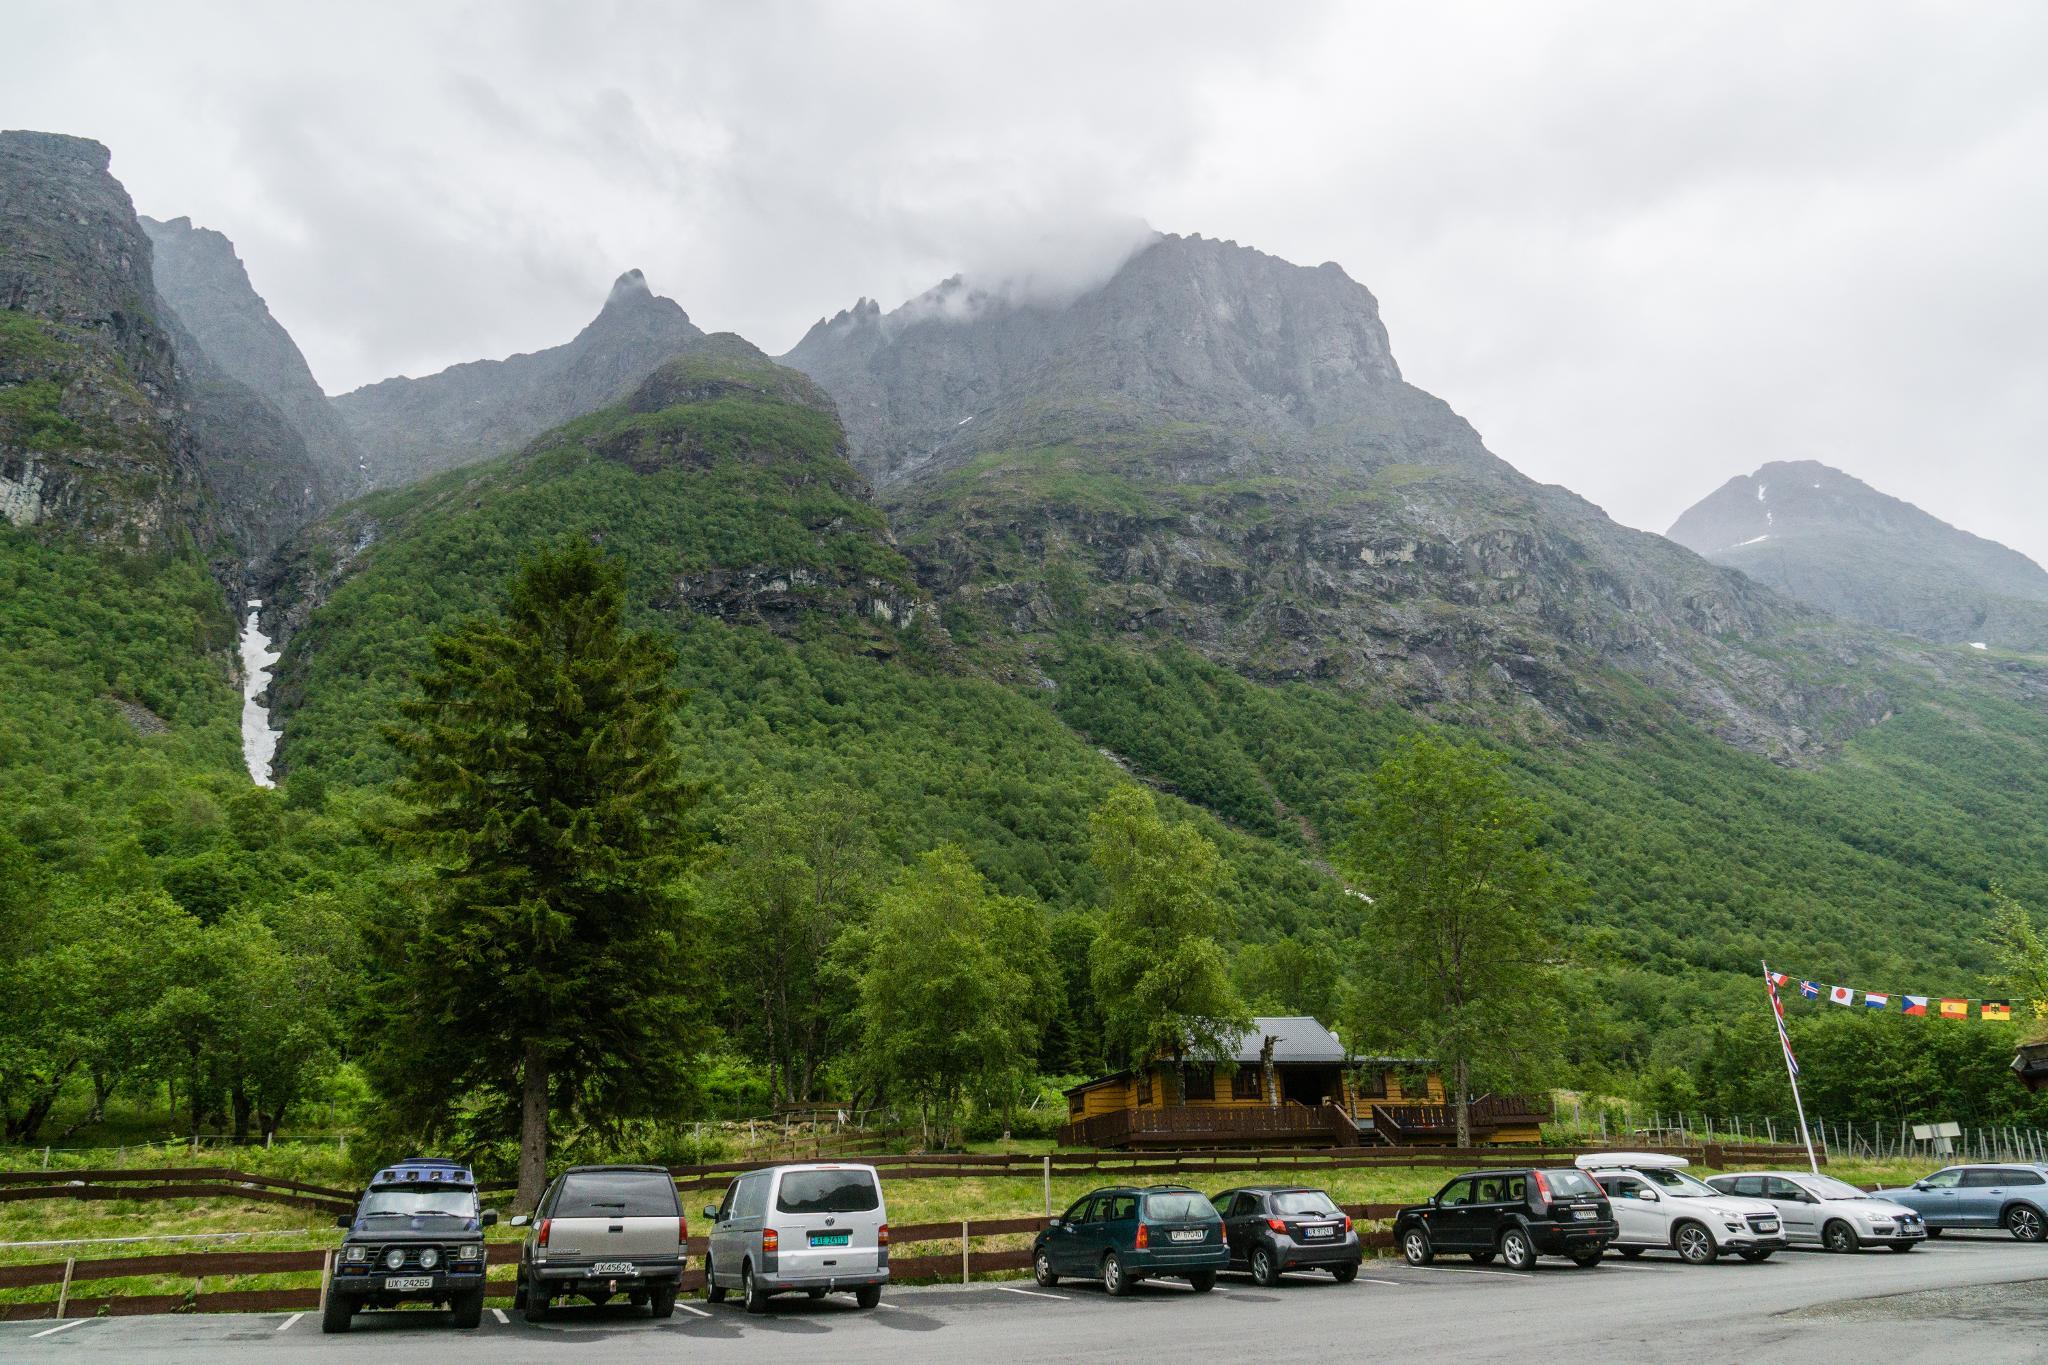 【北歐露營】在妖精出沒的峽谷中露營 - Trollstigen Camping 5